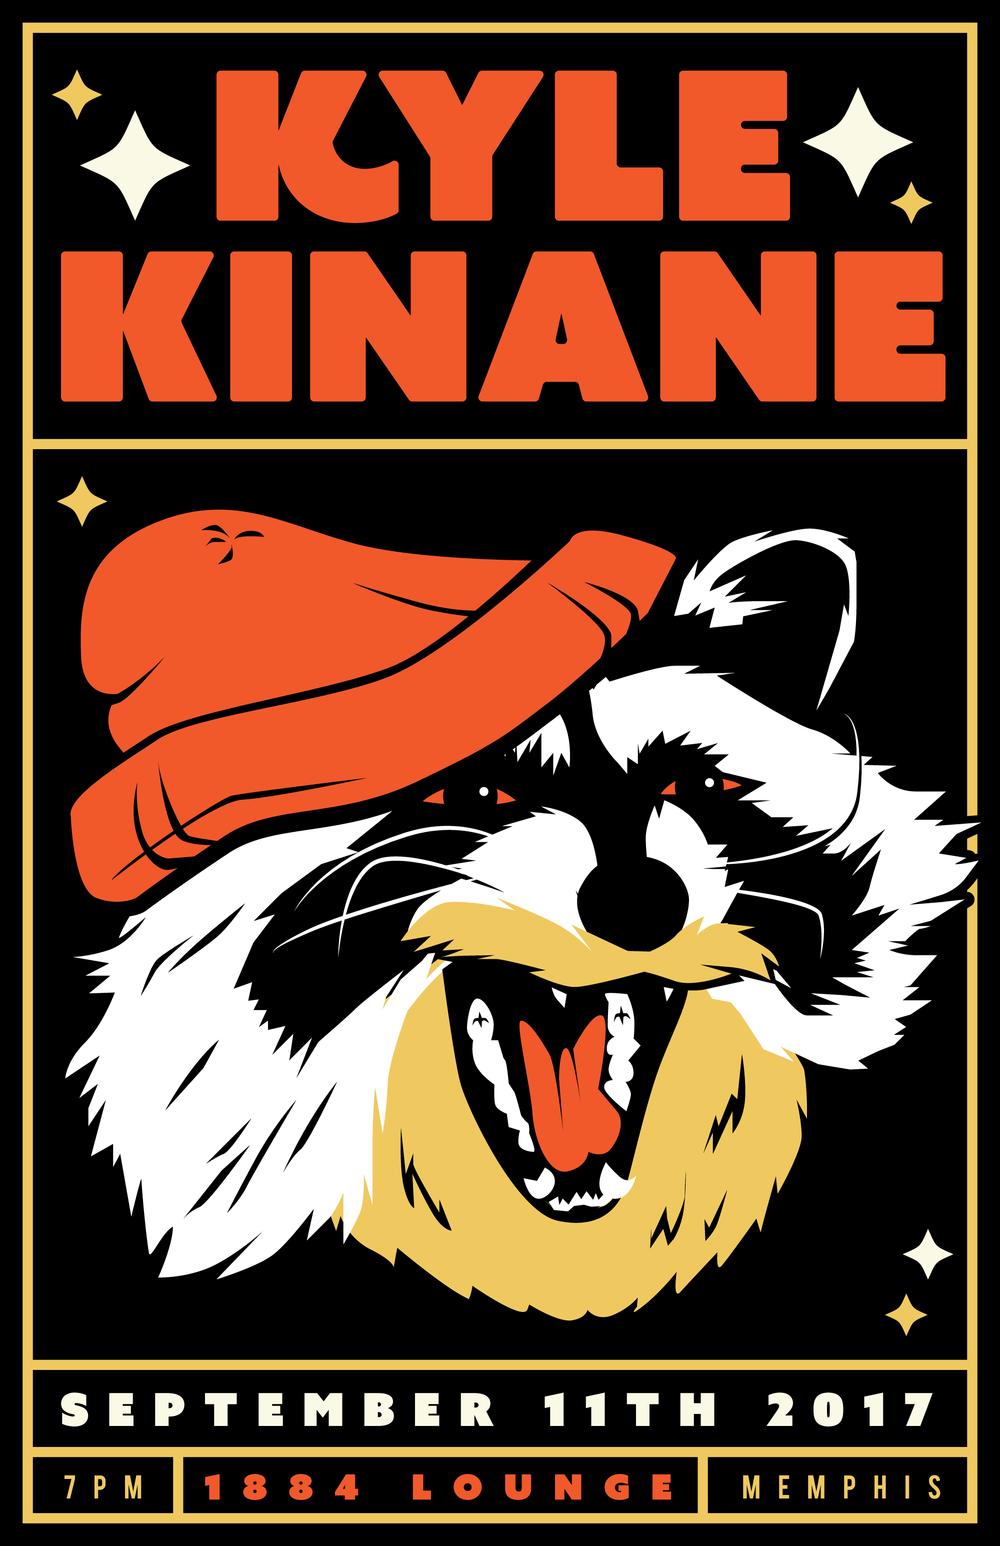 kyle-kinane-web.png